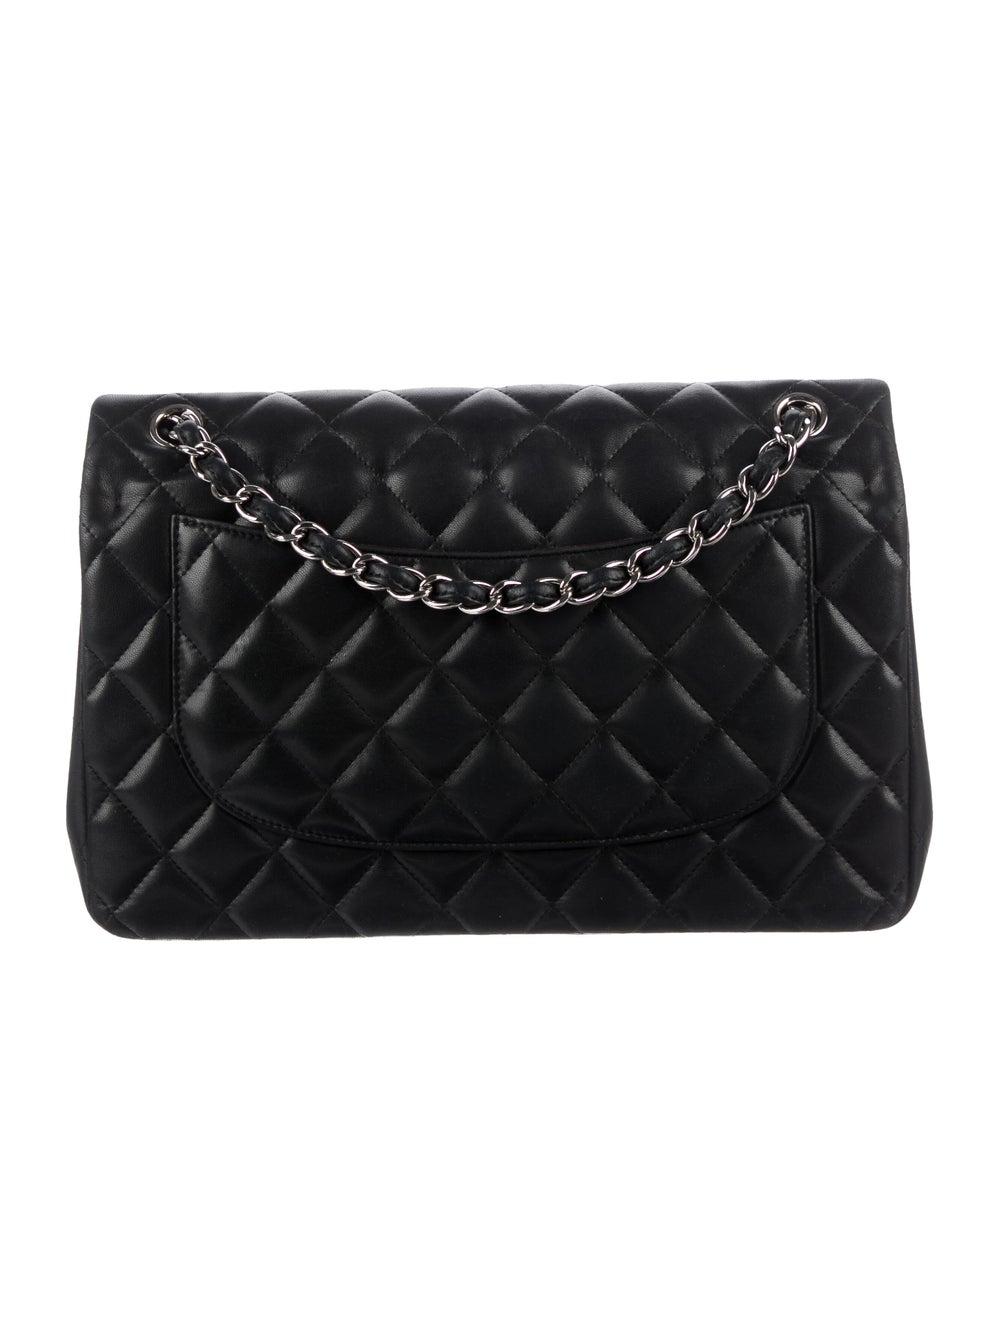 Chanel Classic Jumbo Double Flap Bag Black - image 4